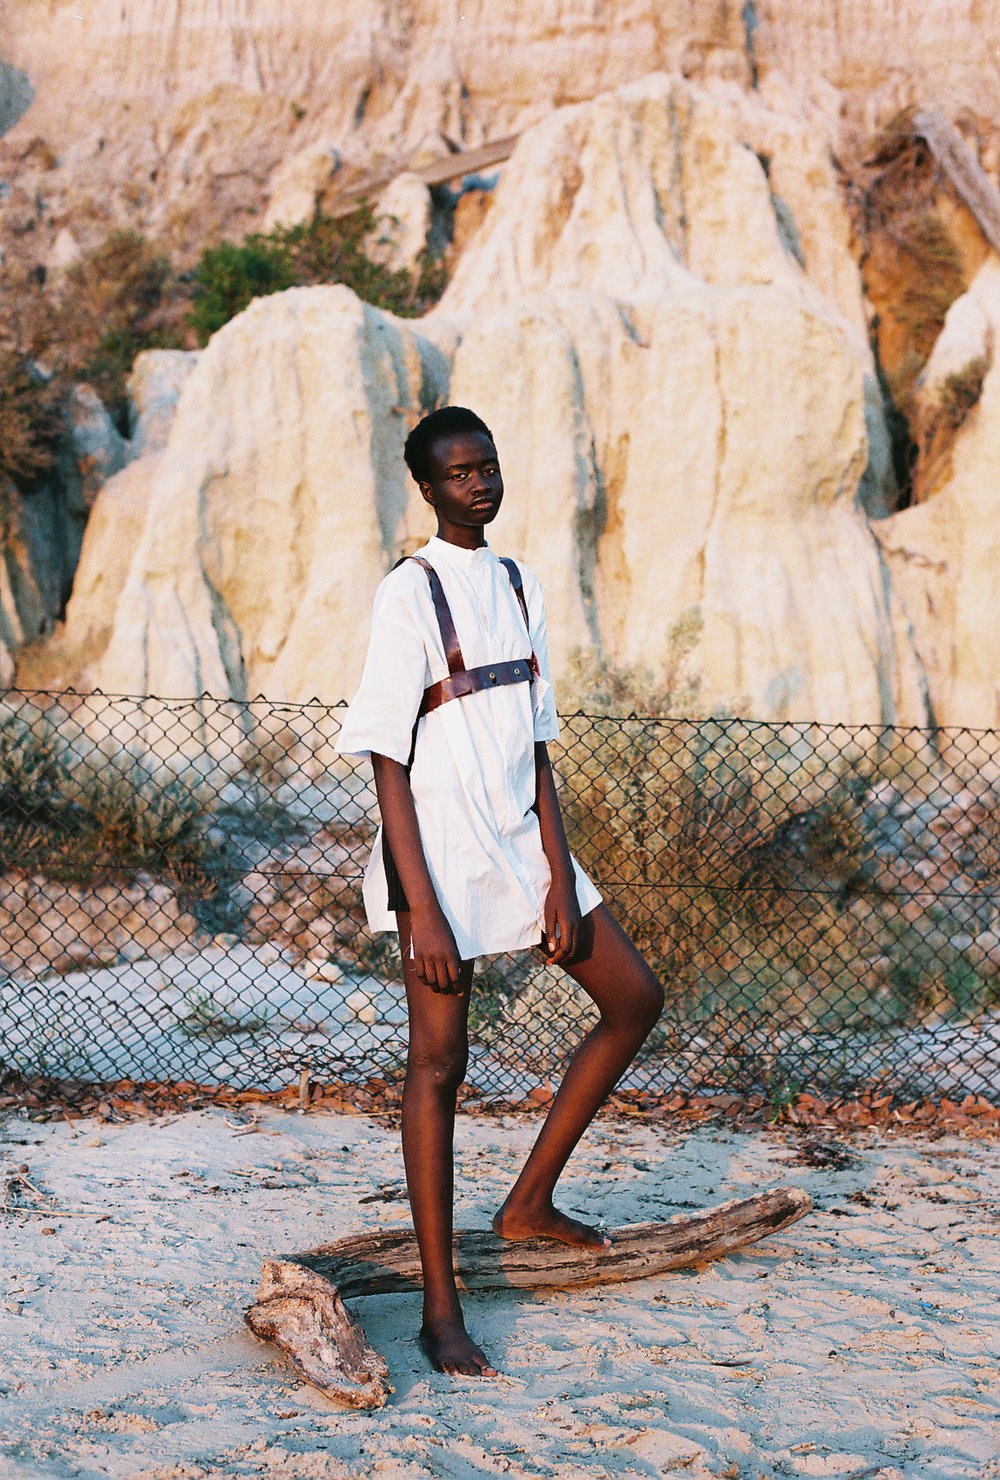 shirt SAMANTHA DIORIO, harness AGGIE CHOI